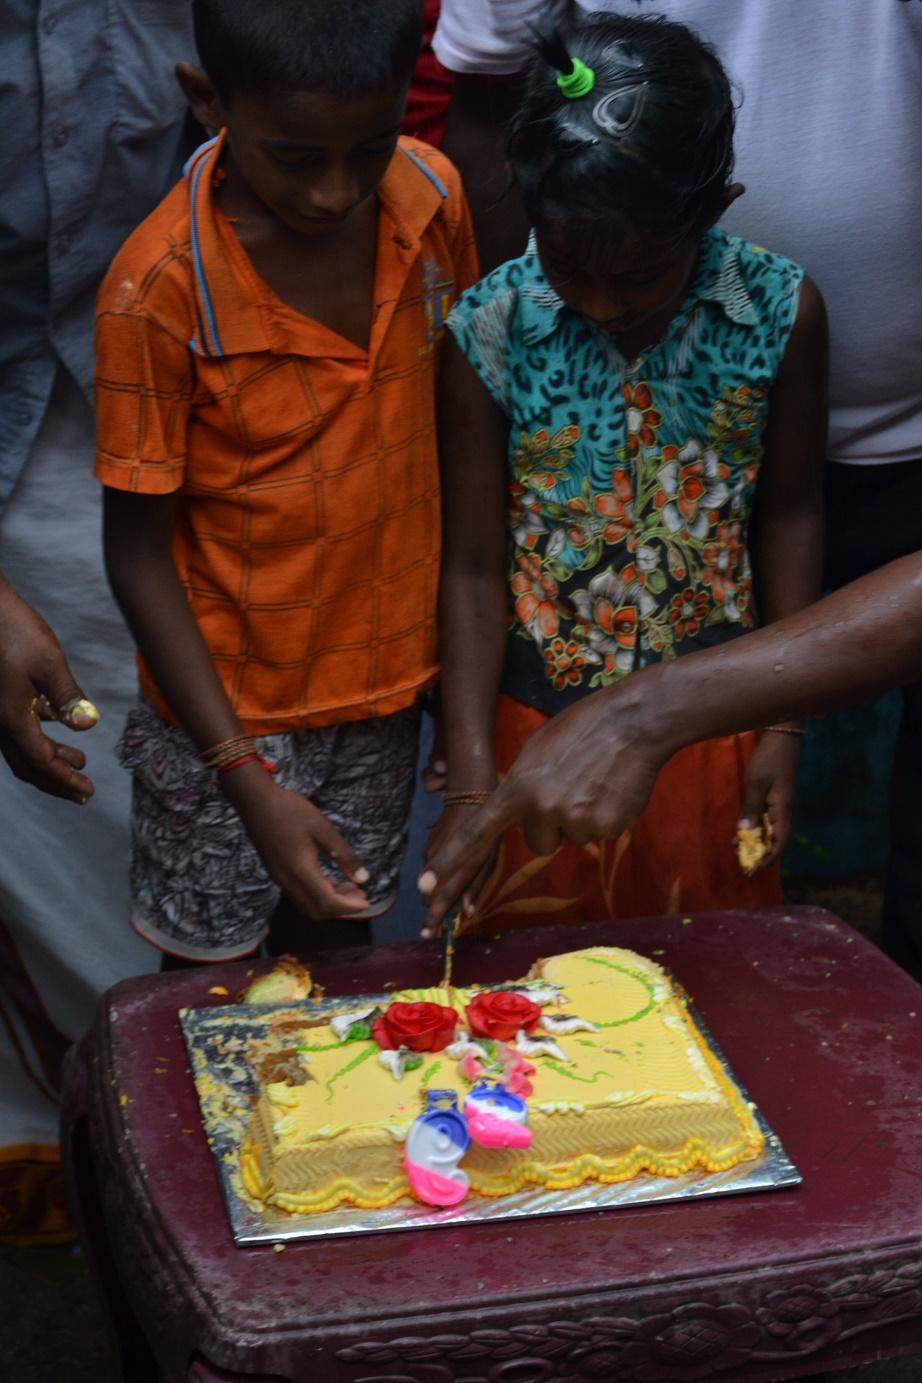 Velupillai Prabhakaran S Birthday Marked At His Birth Home